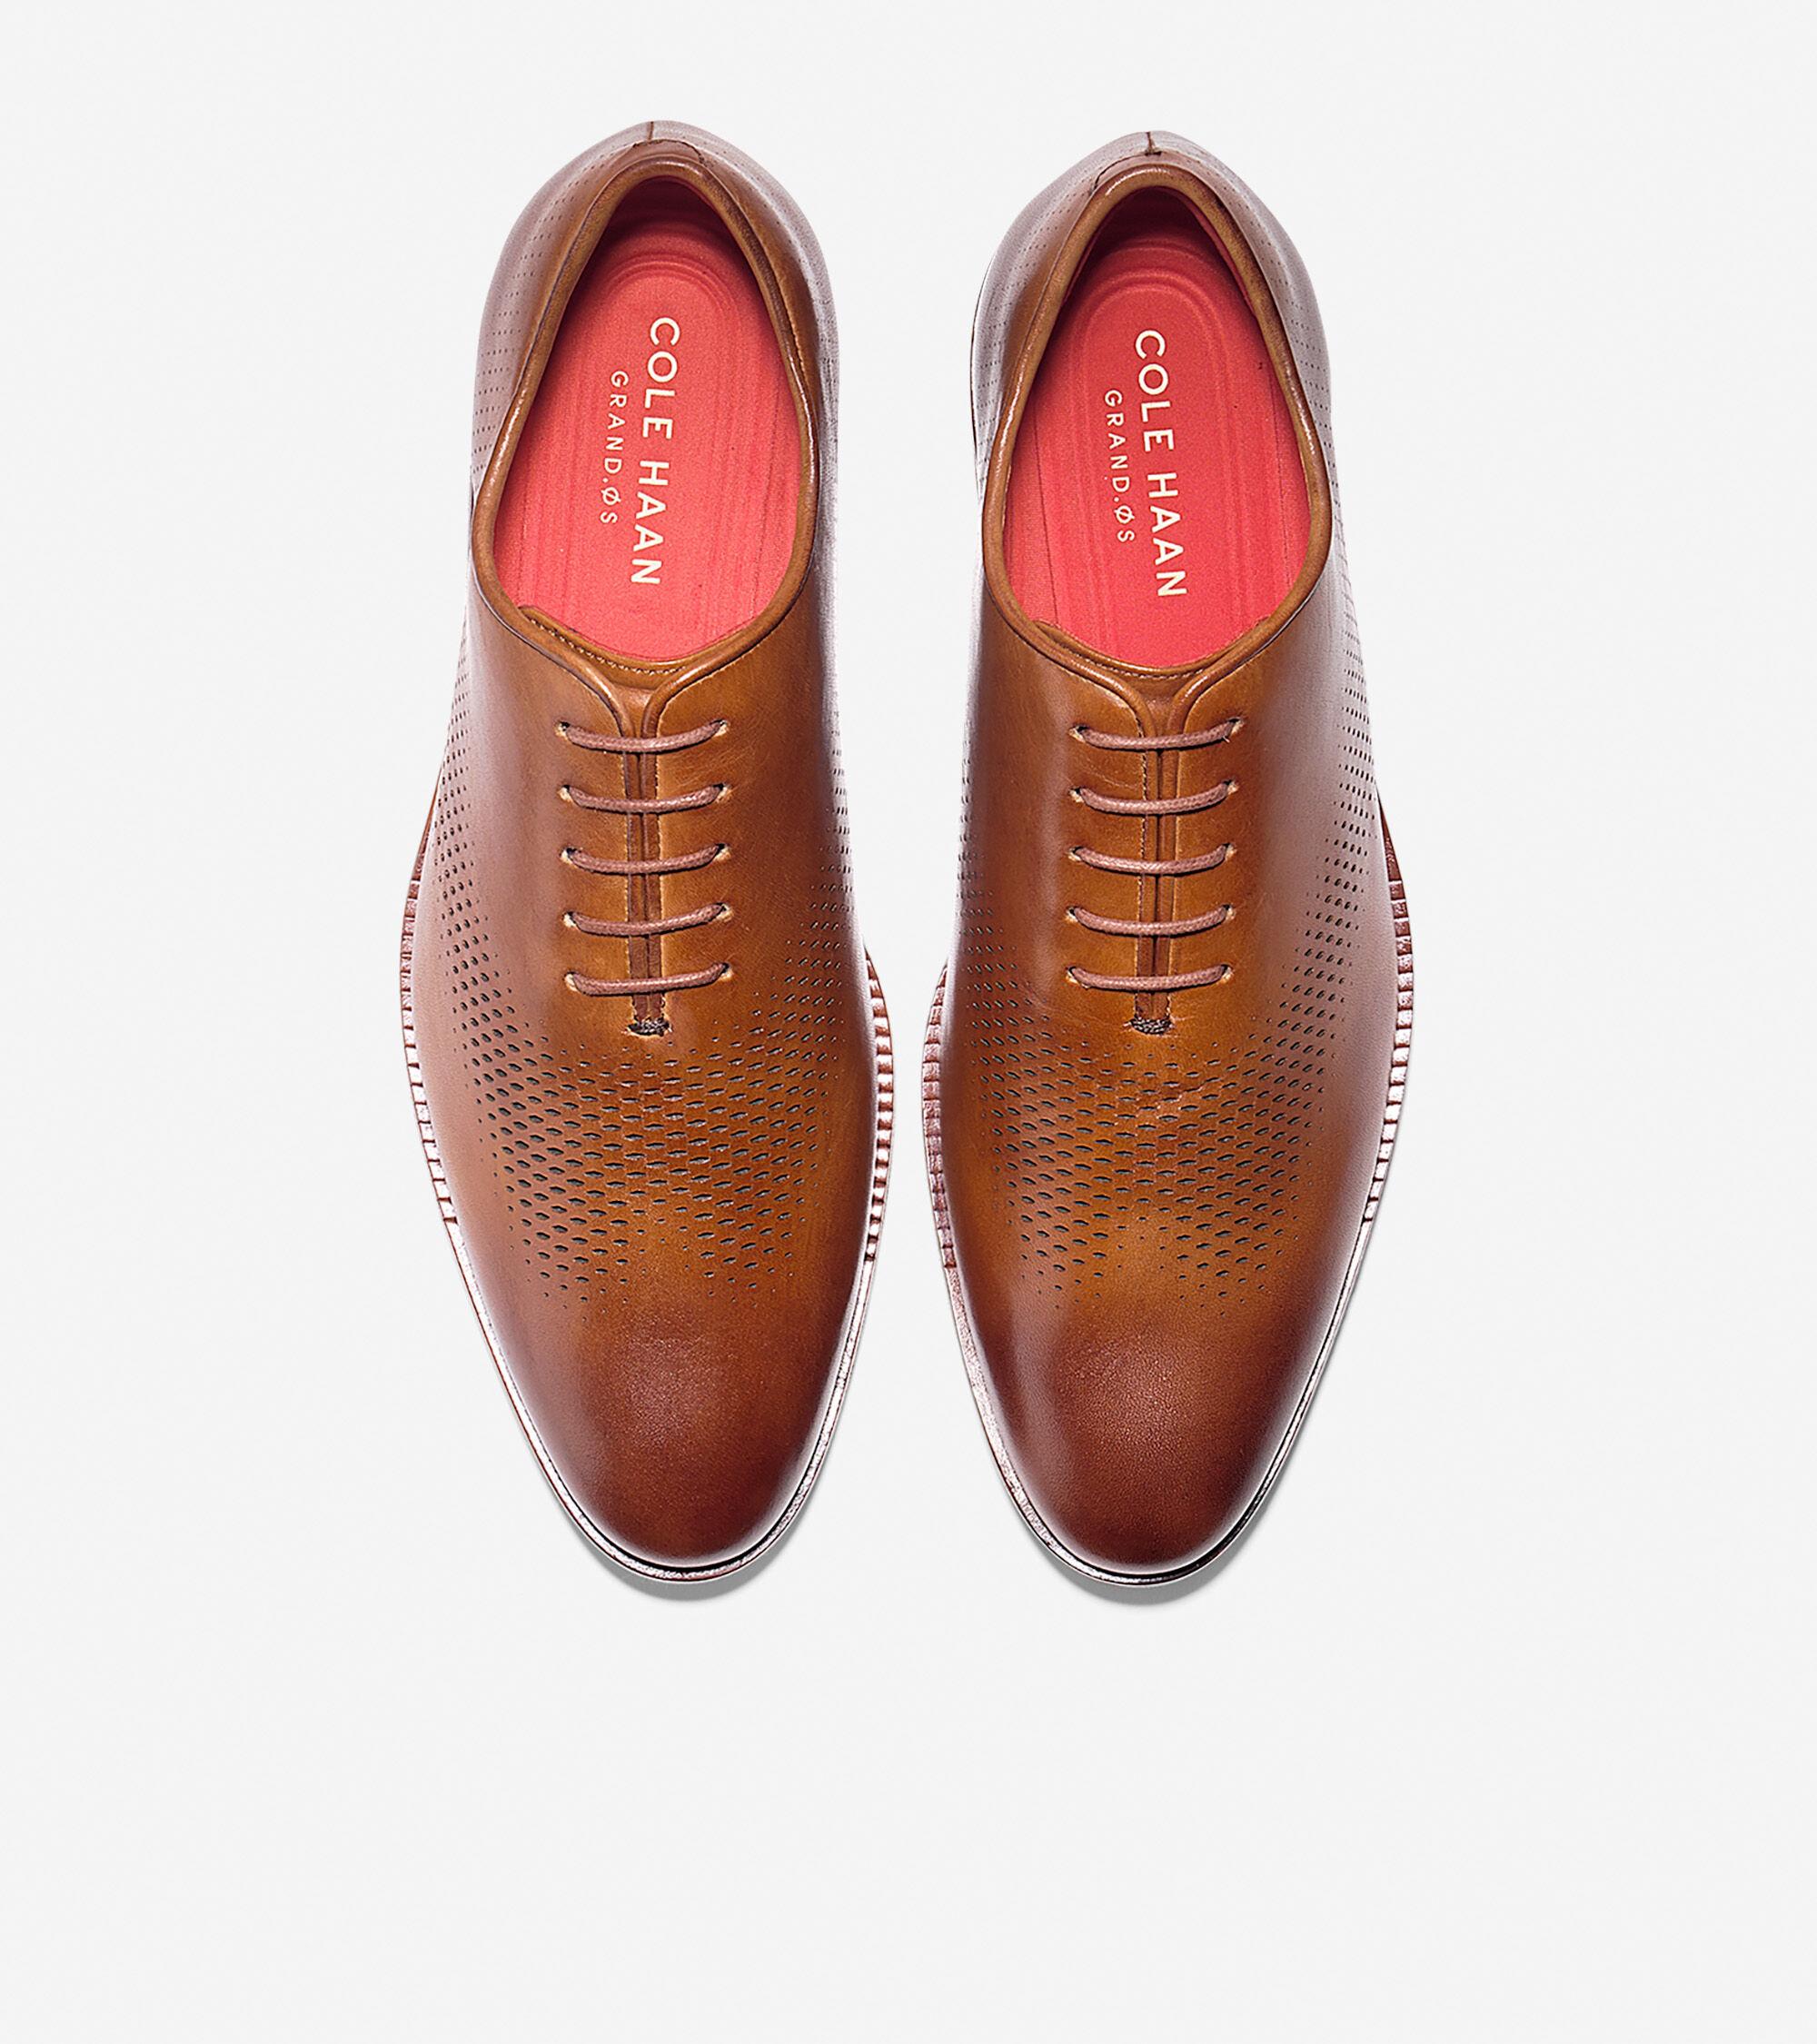 Cole HaanMen's Washington Grand Casual Wingtip Oxfords Men's Shoes DL5ow8